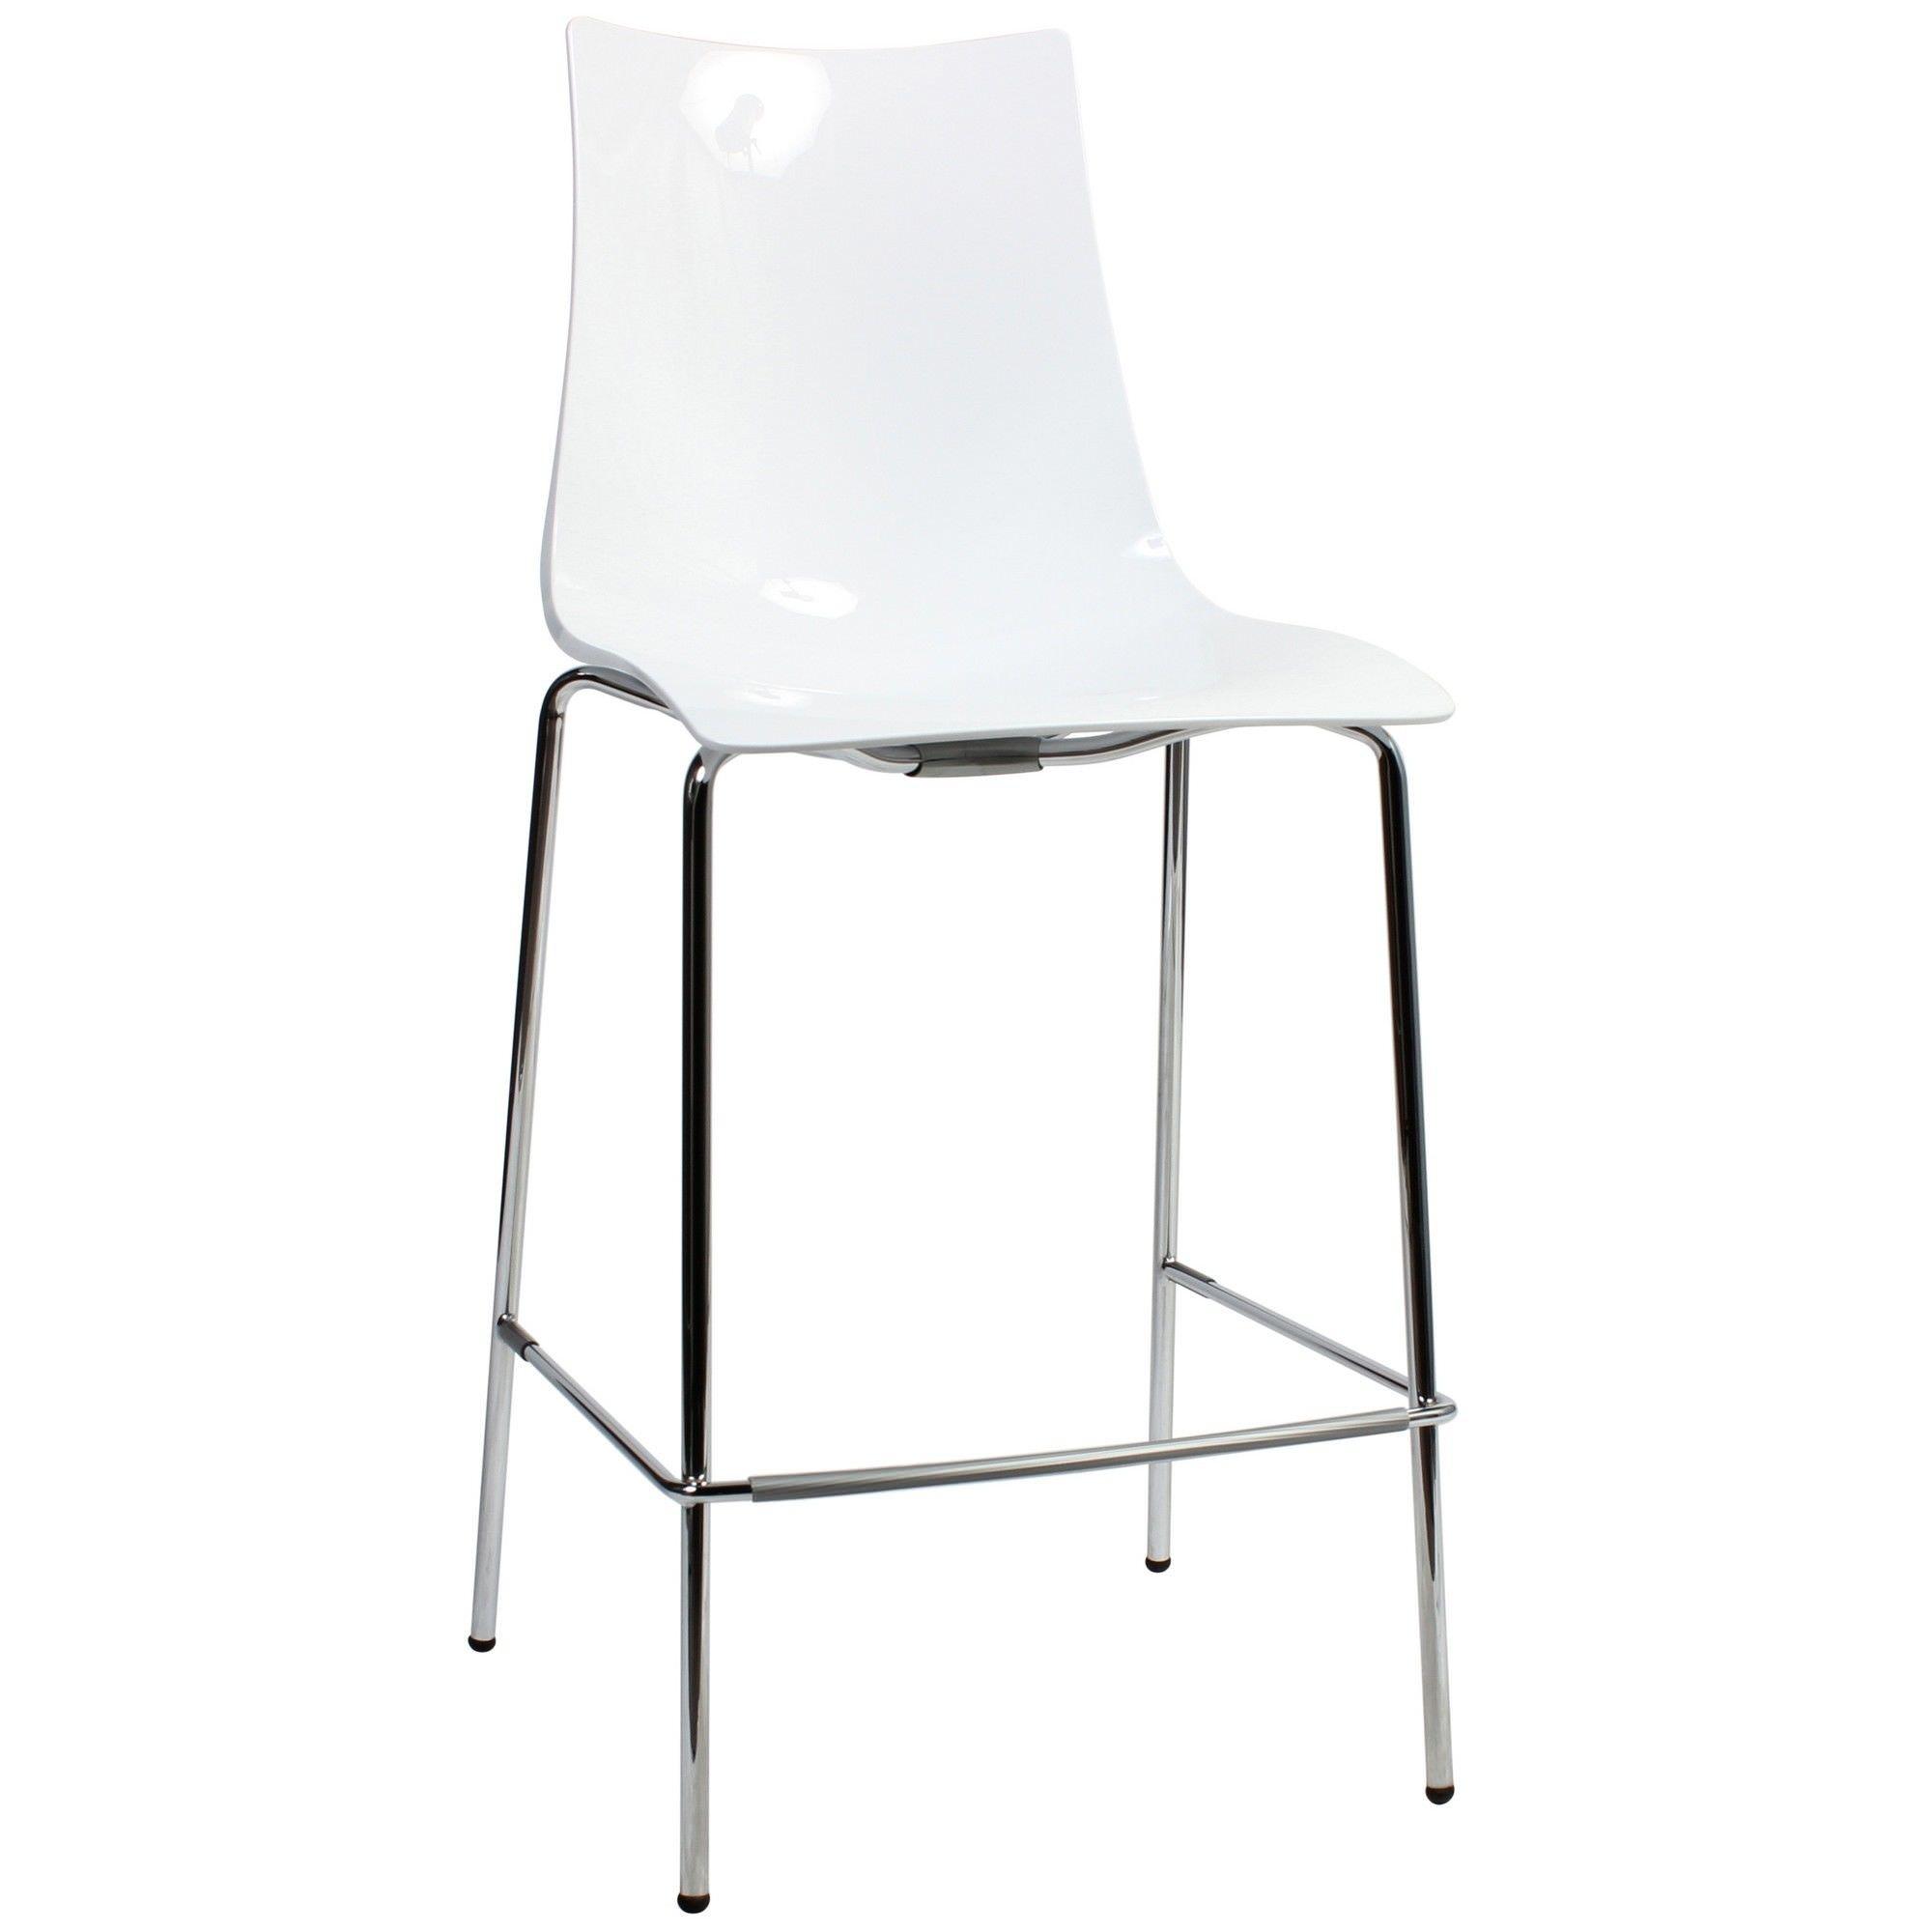 Zebra Italian Made Commercial Grade Counter Stool, Metal Leg, White / Chrome